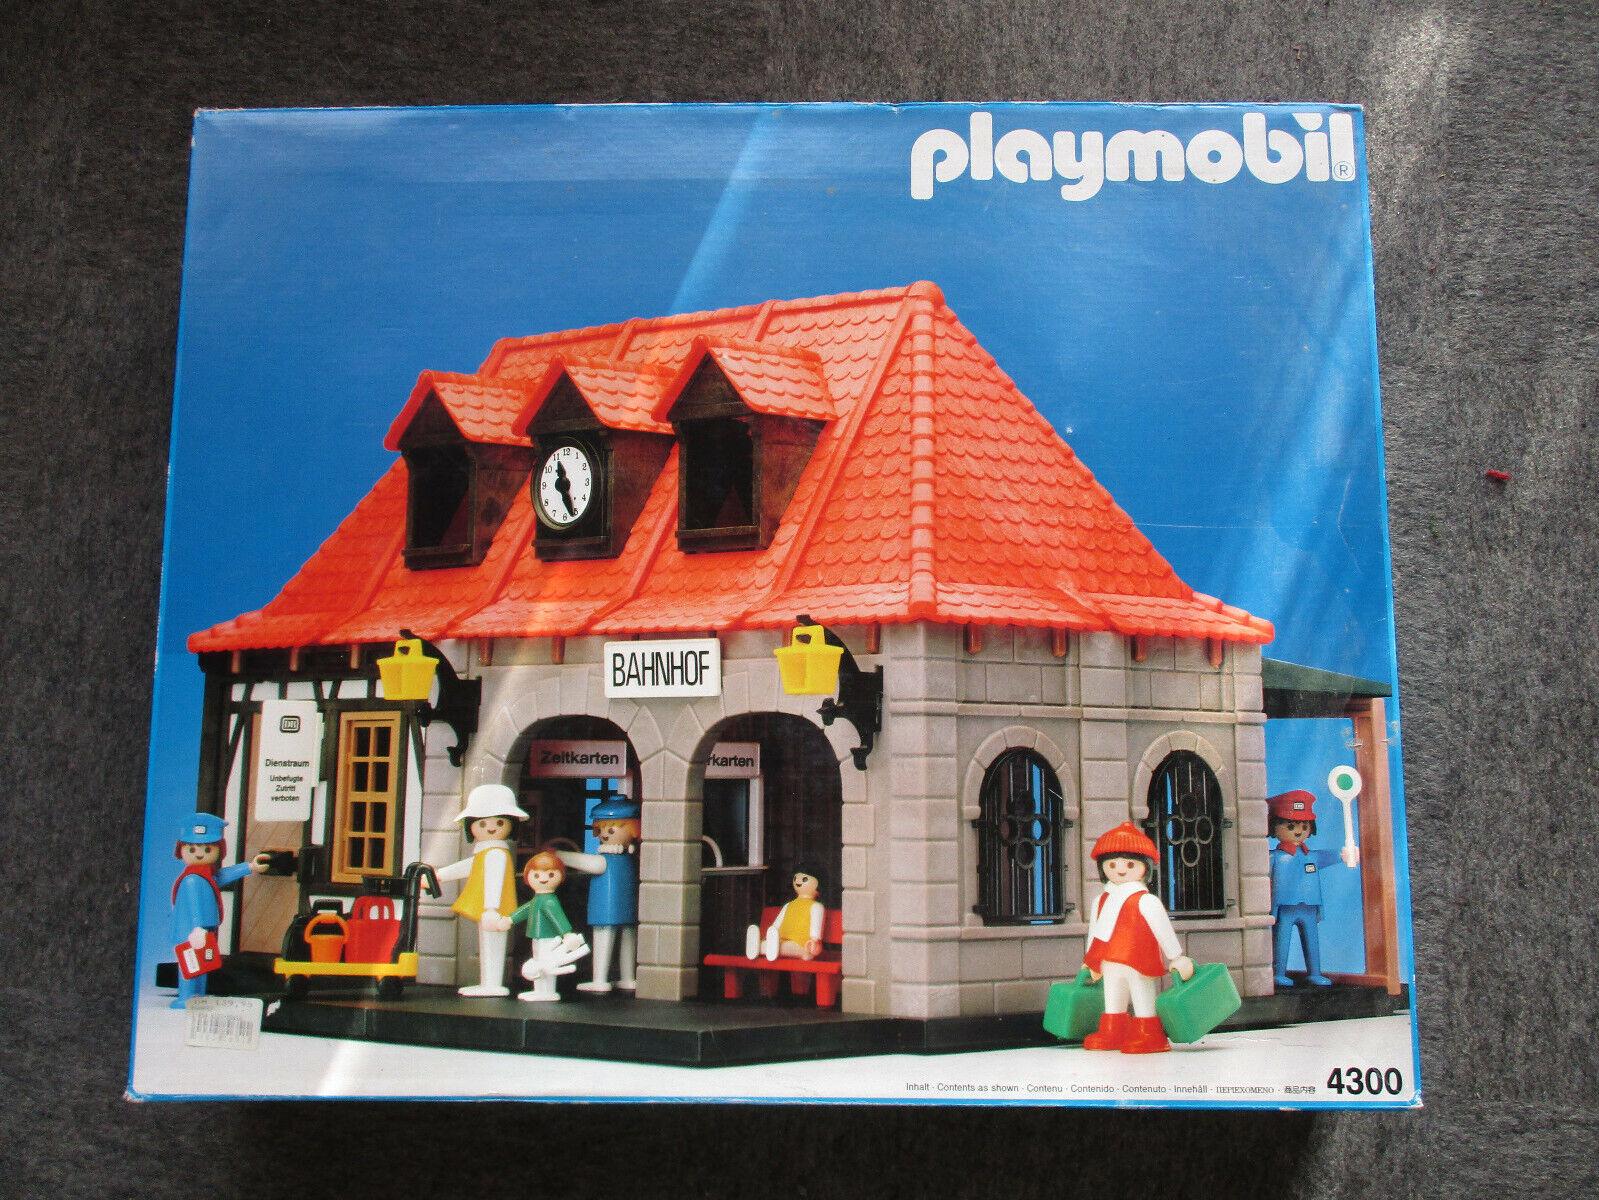 Playmobil Bahnhof 4200 gebraucht aber gut erhalten Originalkarton